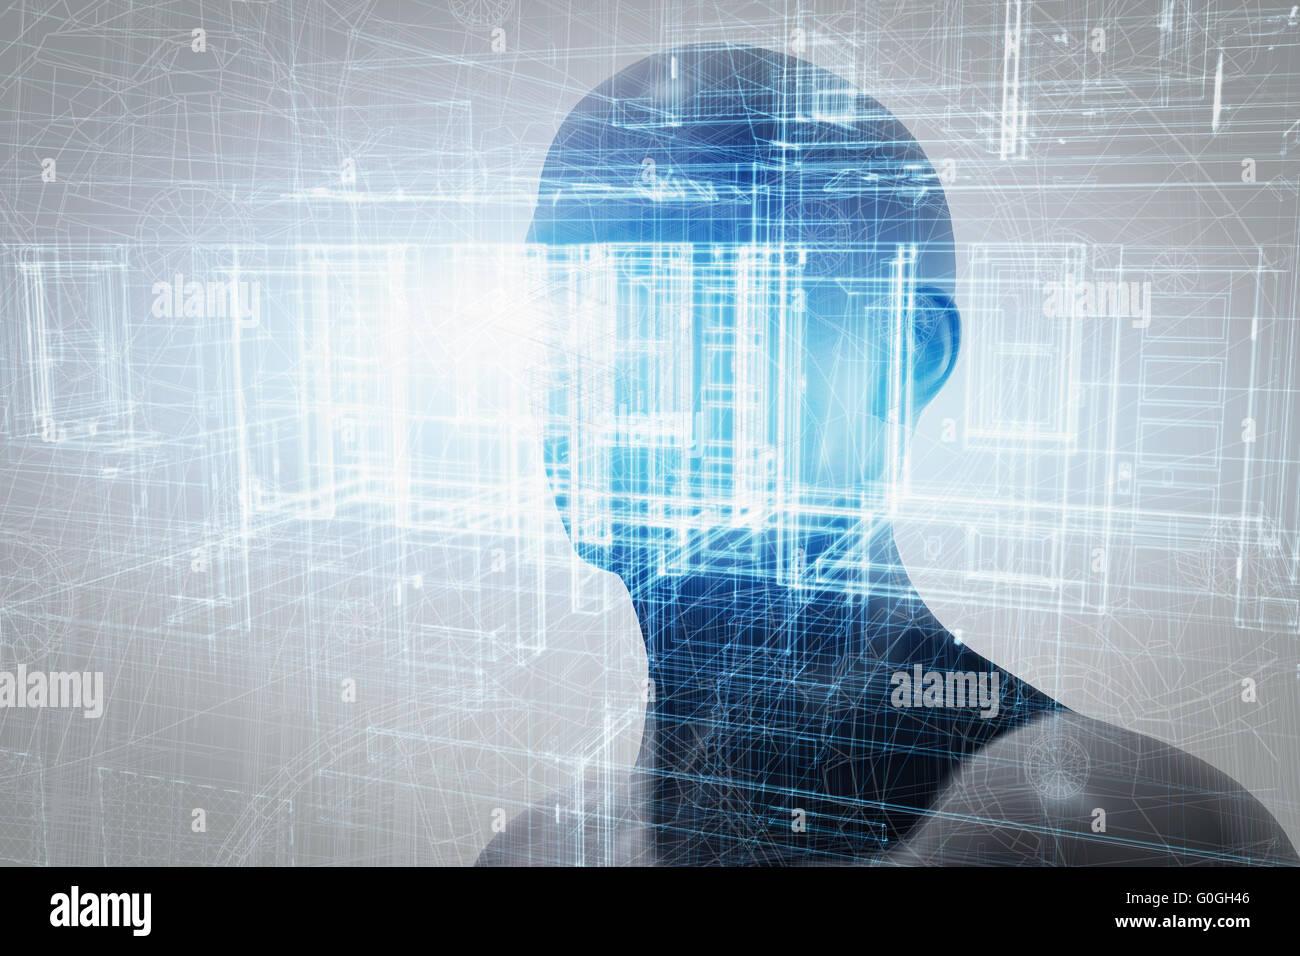 La realtà virtuale proiezione. Il futuro della scienza con la tecnologia moderna, intelligenza artificiale Immagini Stock